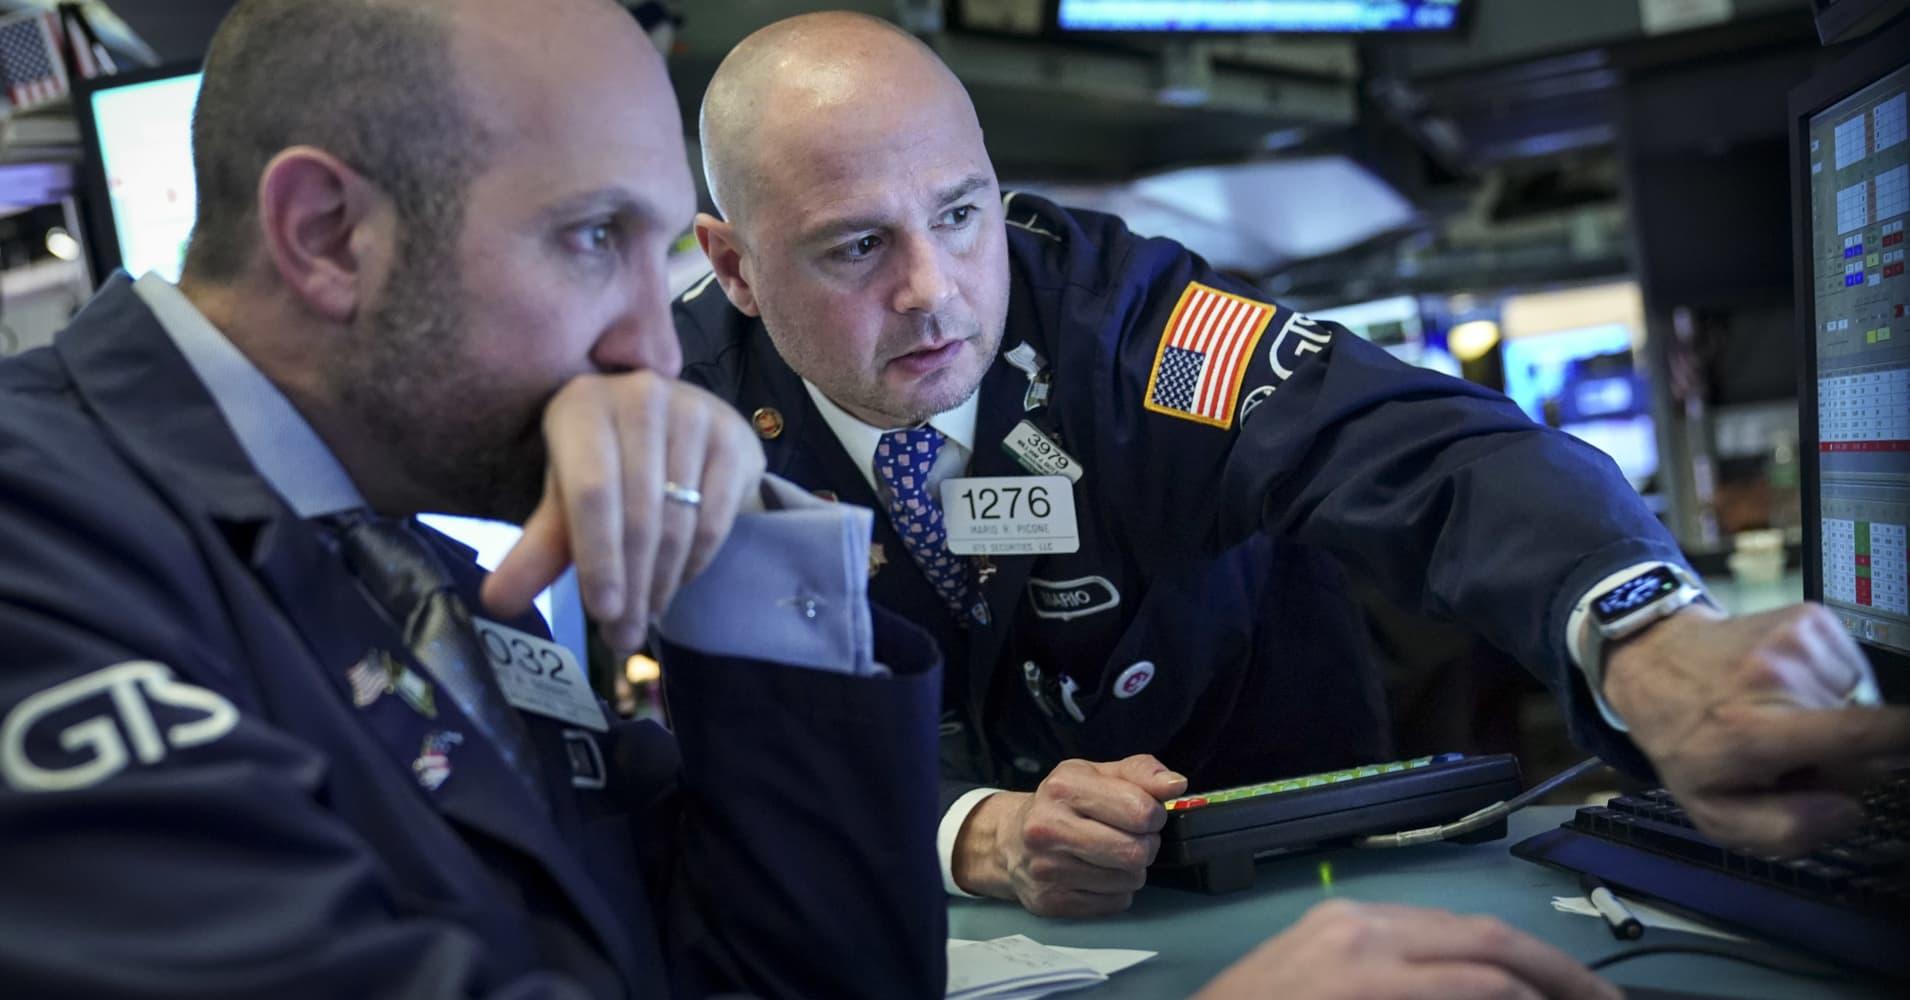 Stocks making the biggest moves premarket: Comcast, Southwest, UPS, Facebook & more